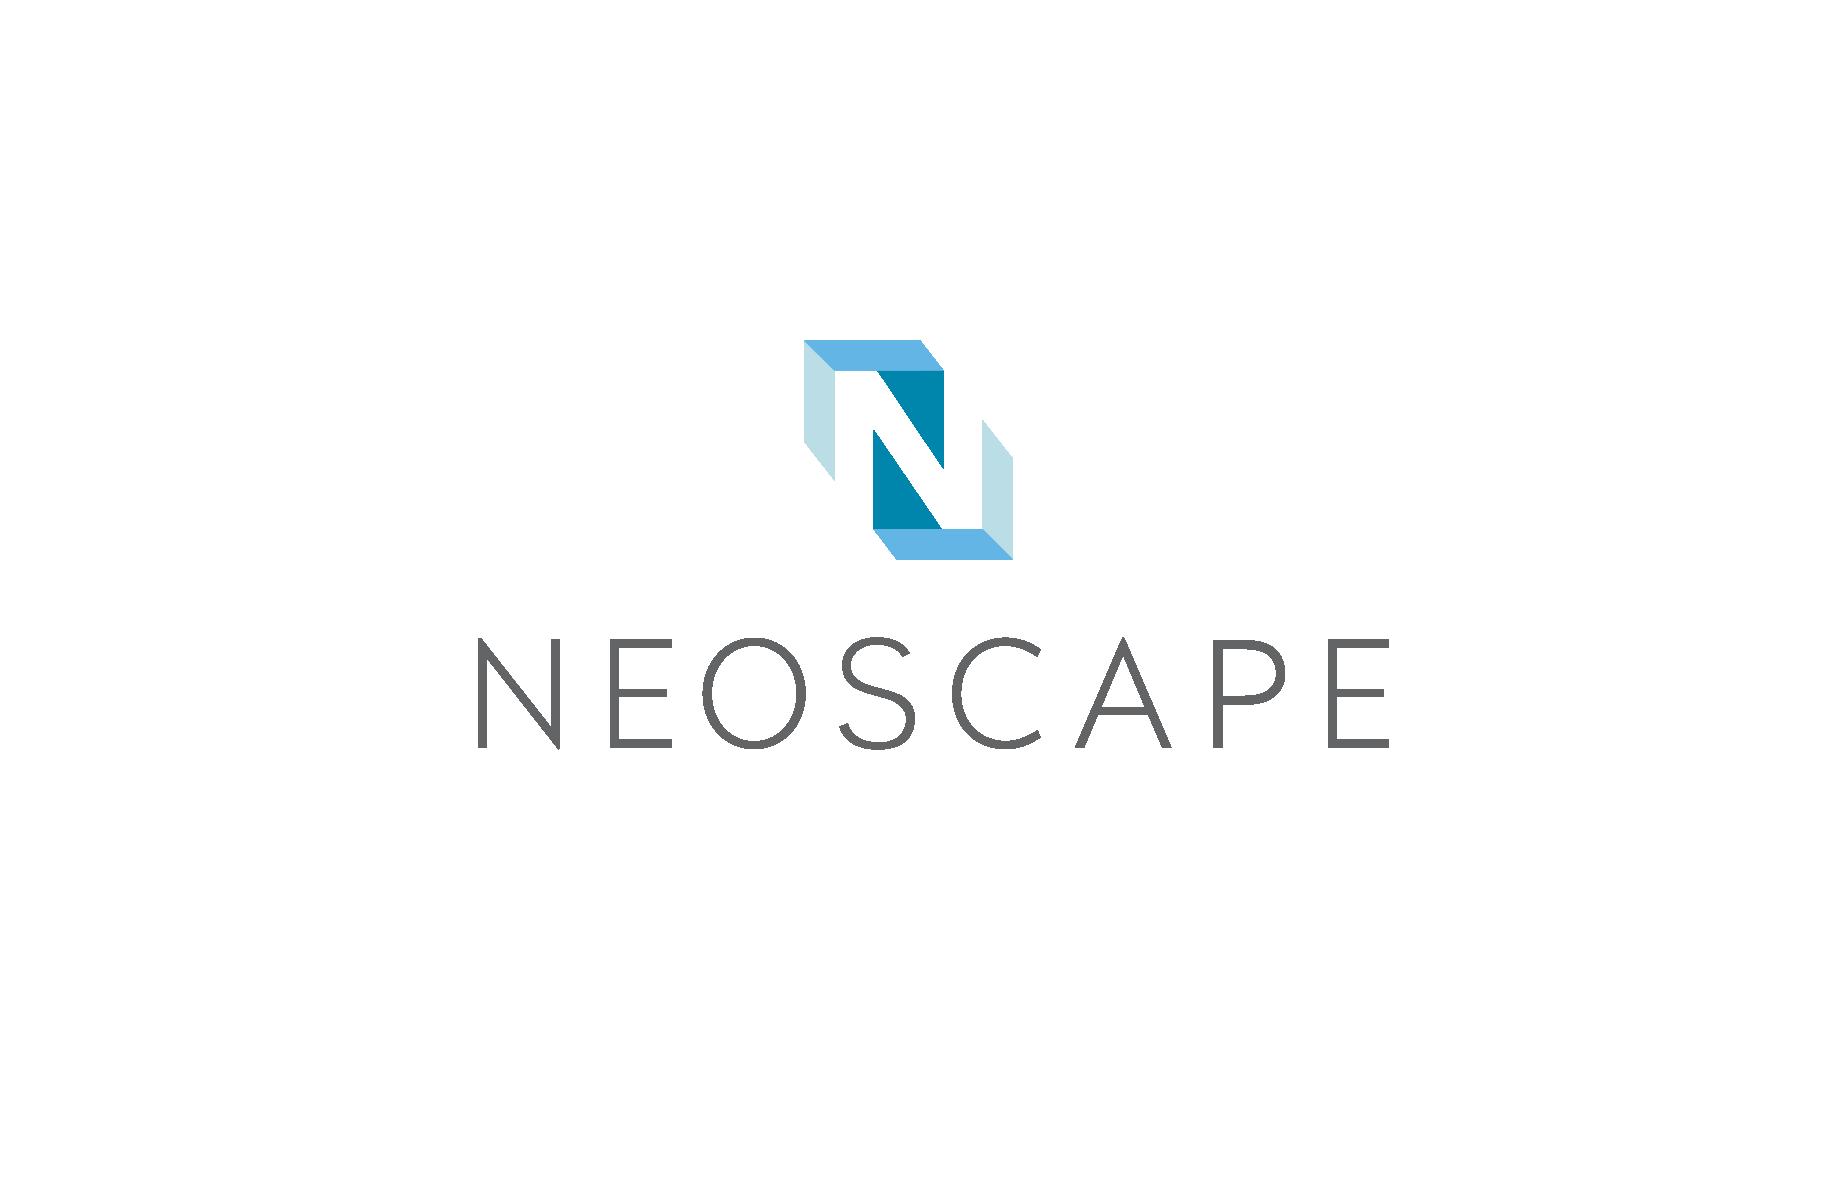 Neoscape